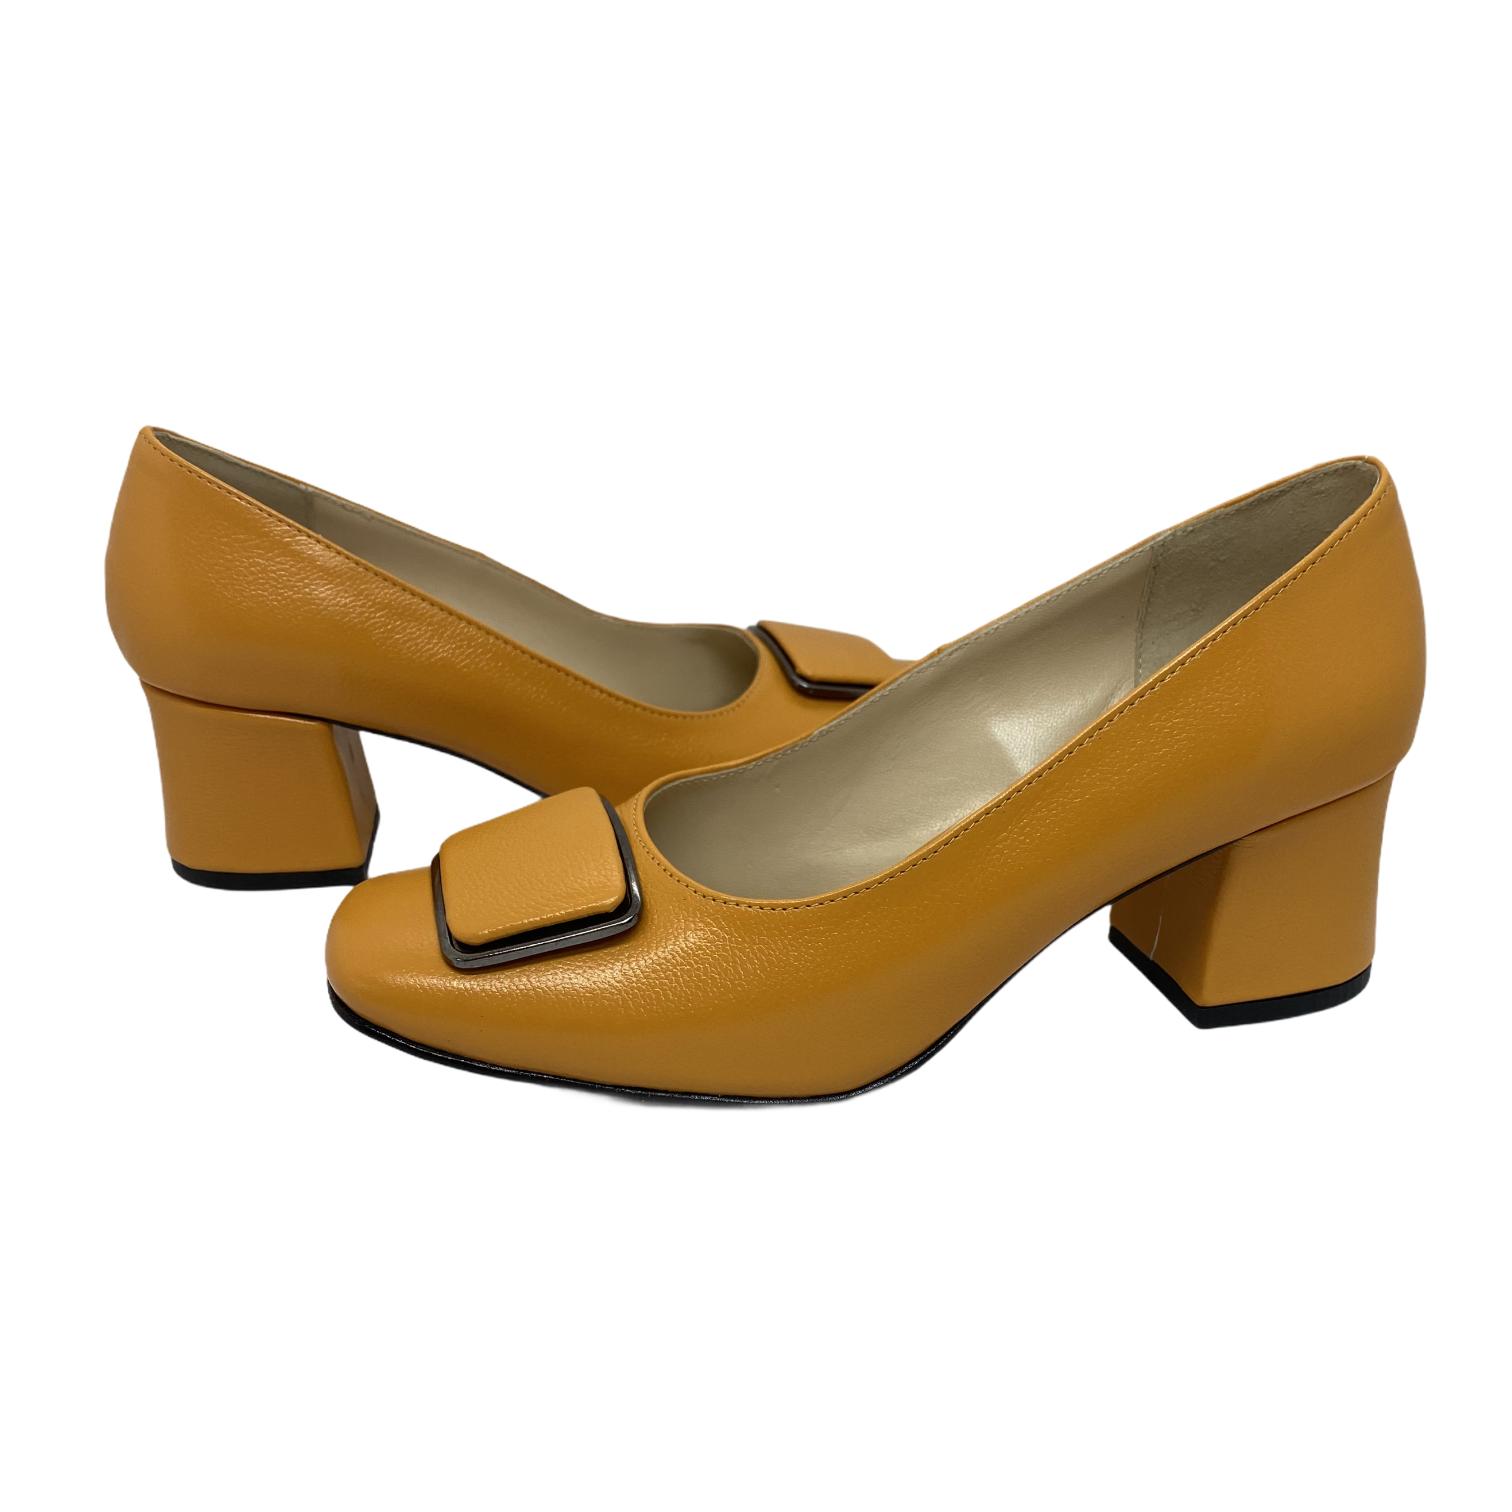 Pantofi galben kavun cu accesoriu